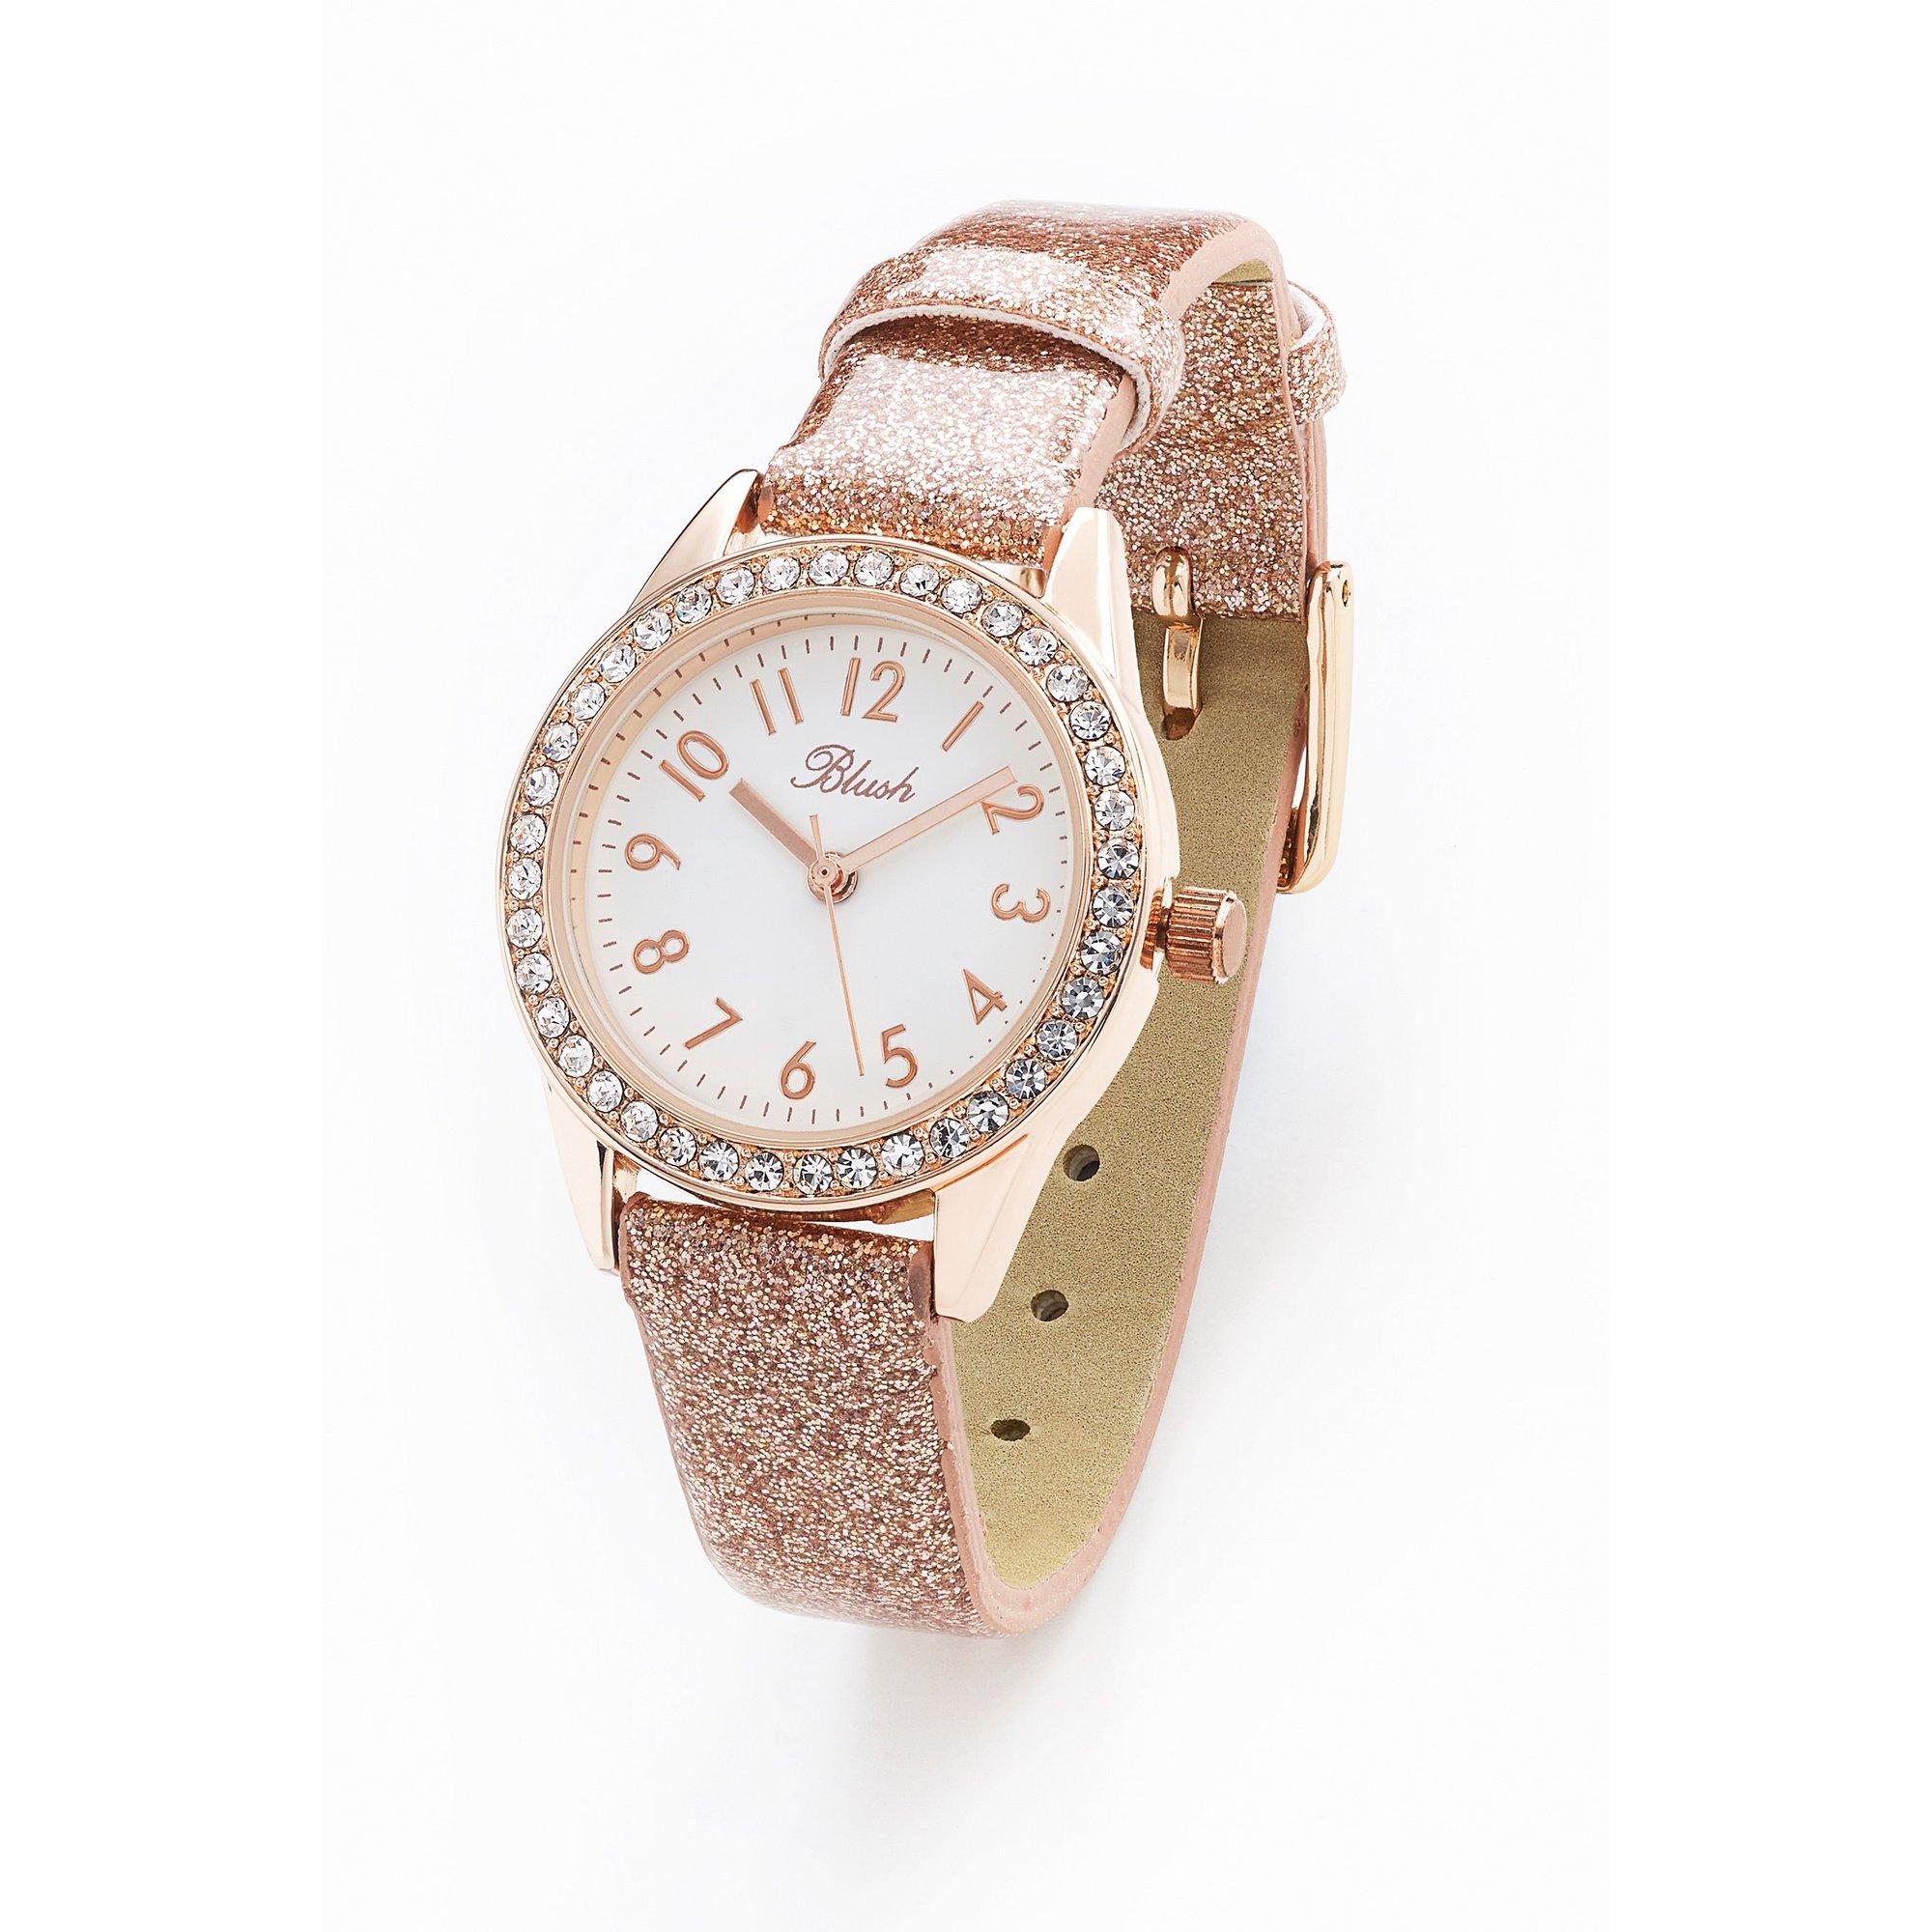 Image of Blush PU Glitter Style Strap Fashion Watch